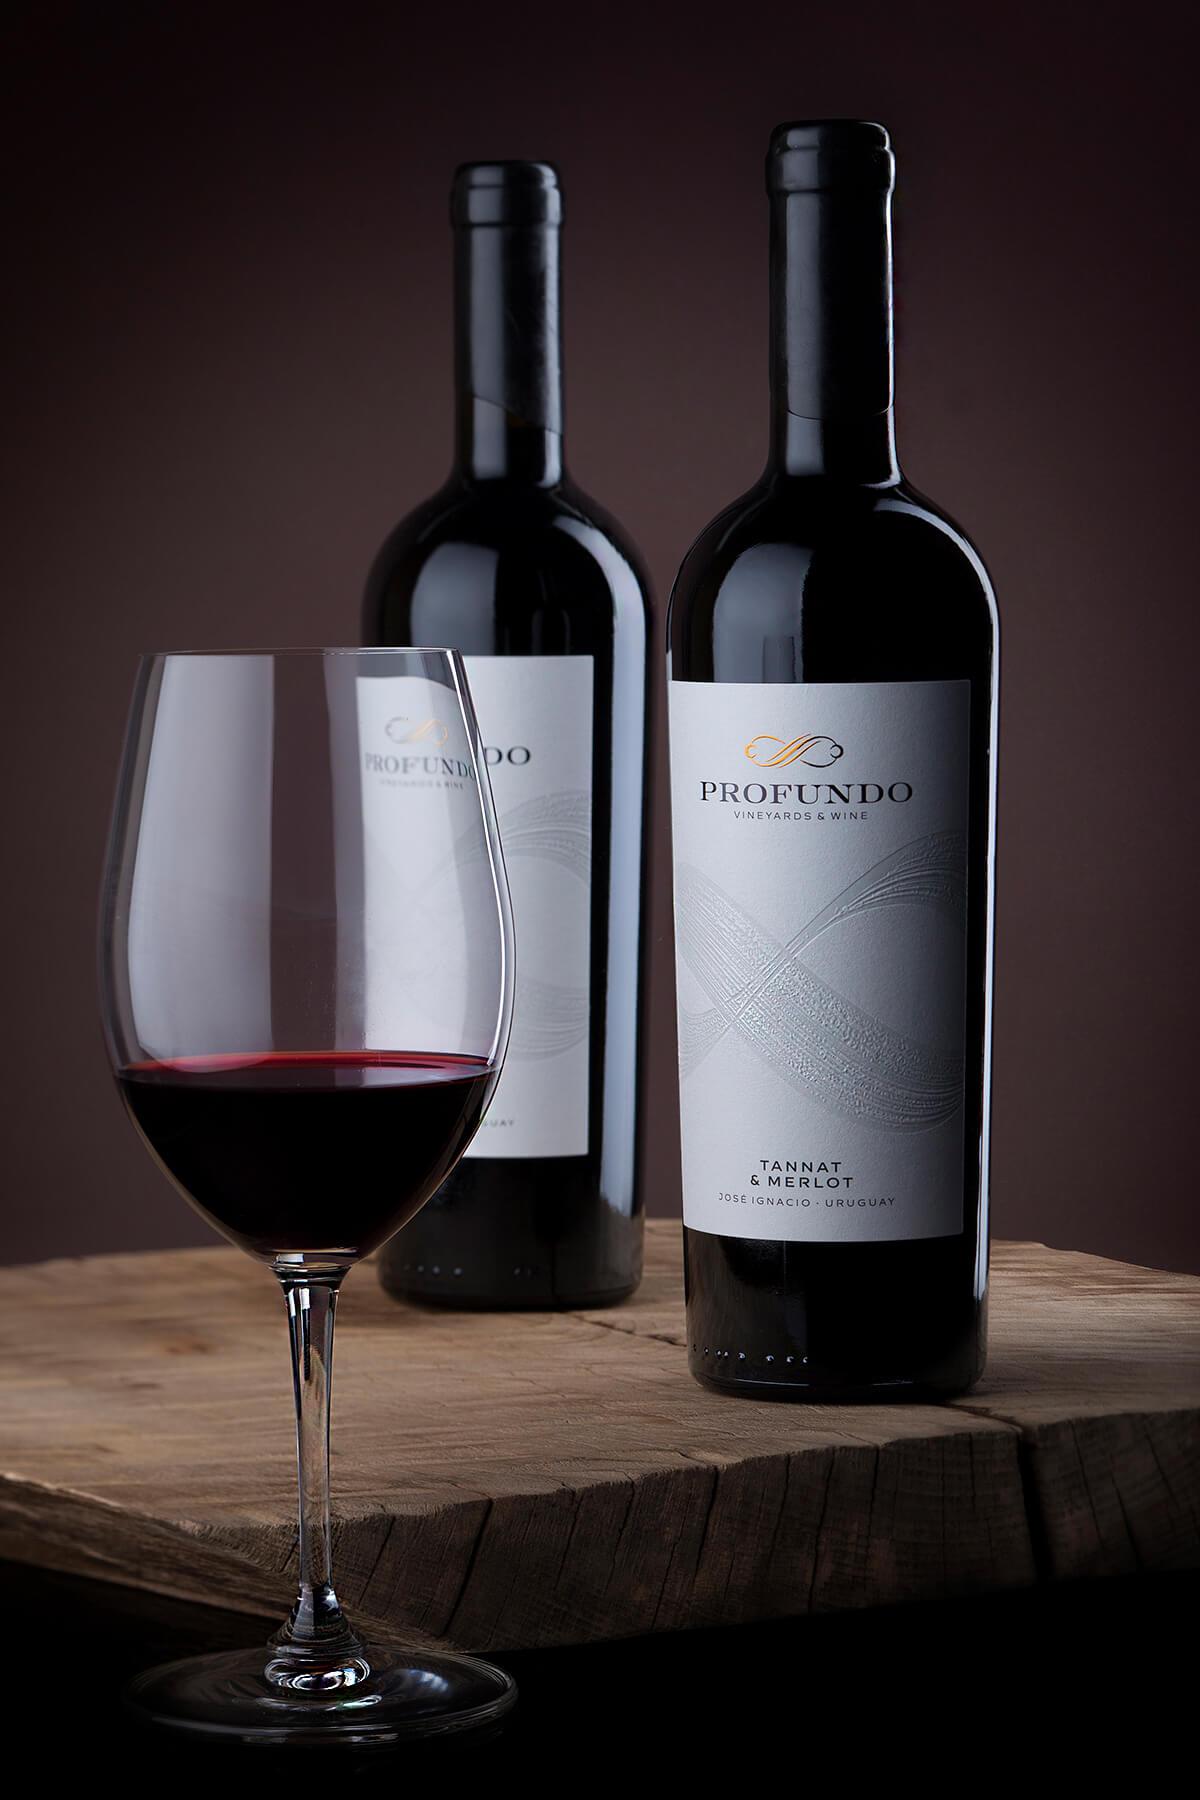 profundo wine label design